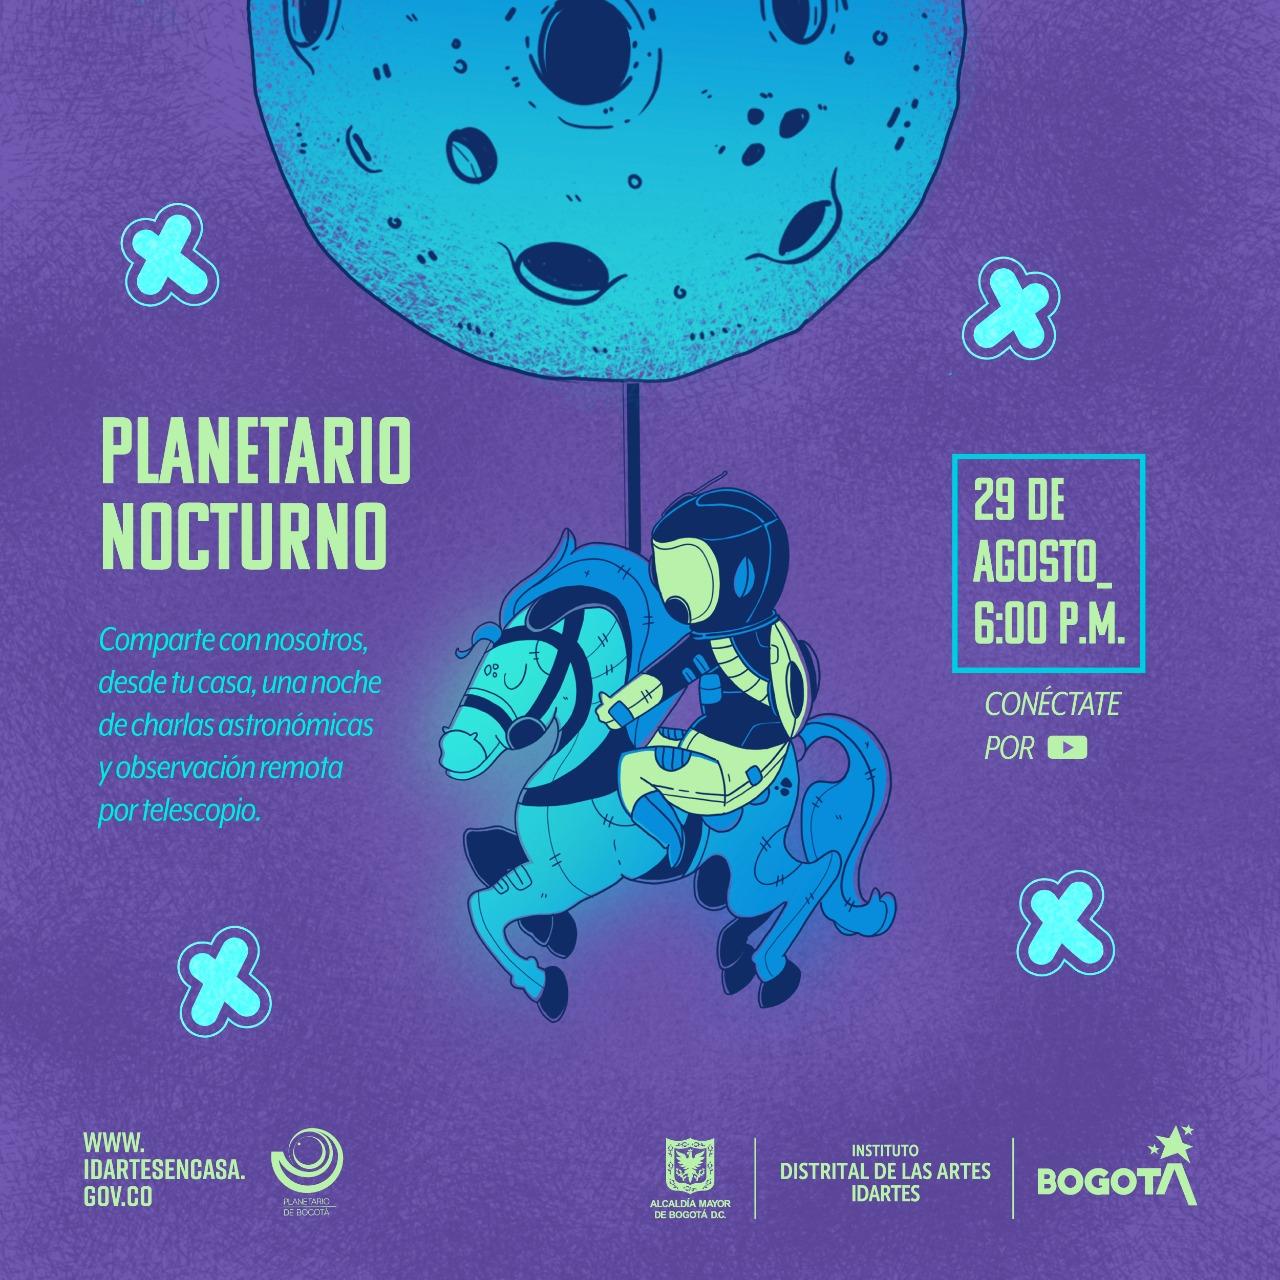 Planetario Nocturno será virtual